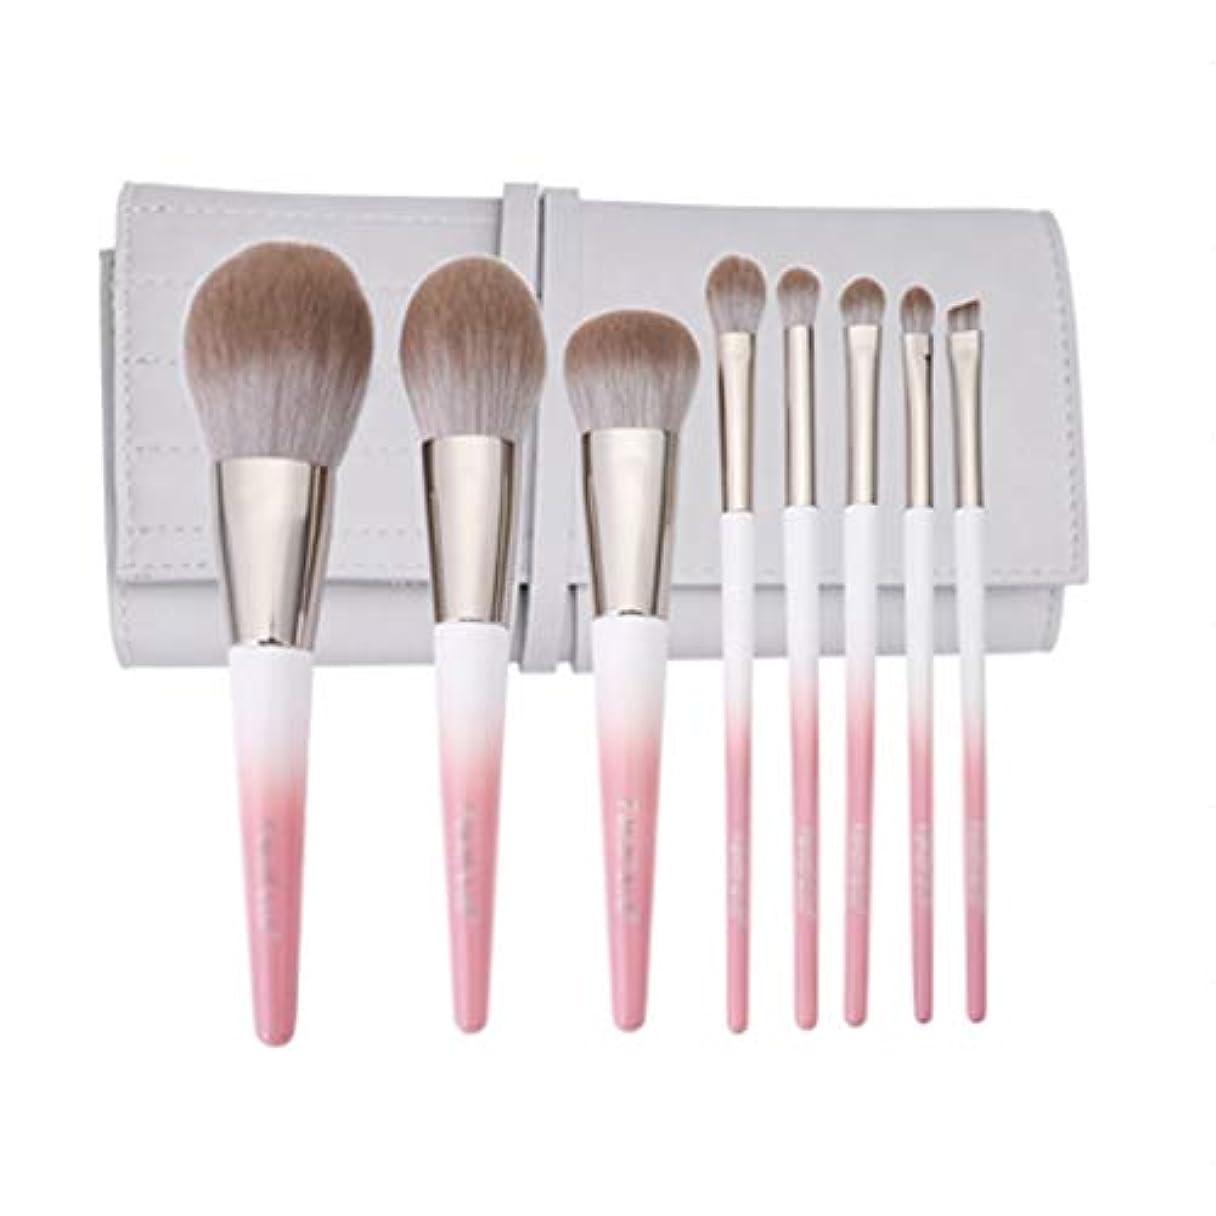 貫通するマネージャー永久化粧ブラシ メイクブラシセット、パウダーブラッシュファンデーションアイシャドーブラシセット、ブラッシュドアイブロウブラシセット8本 (Color : Gradient powder, Size : 21*10cm)